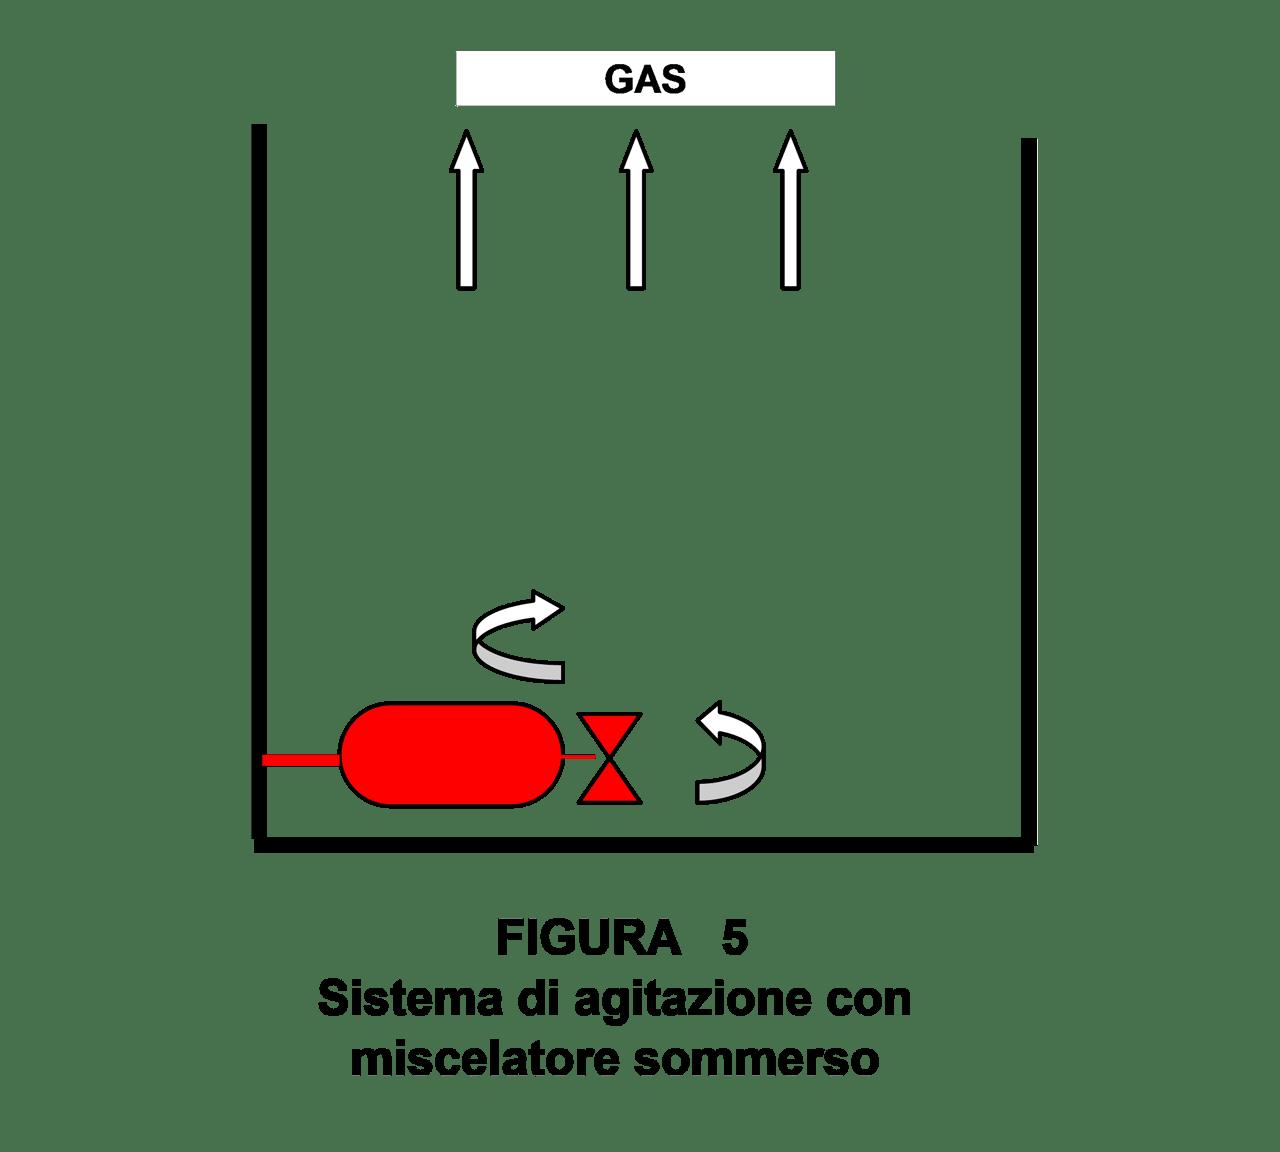 sistema di aerazione con miscelatore sommerso